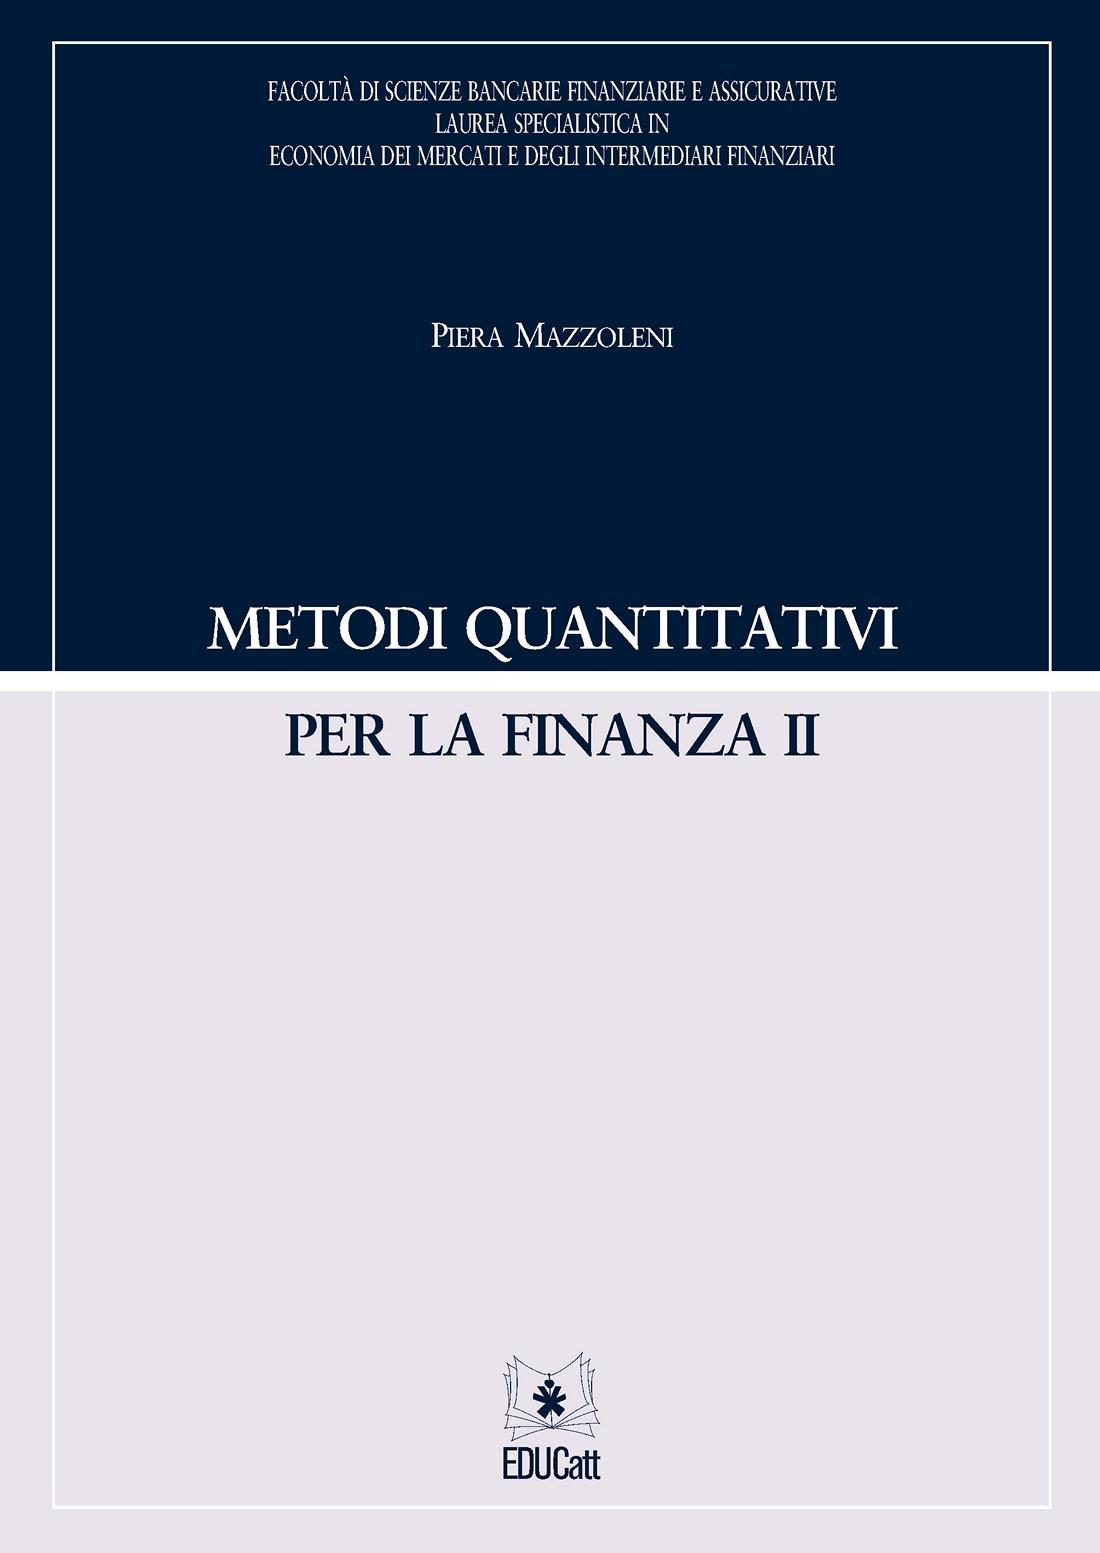 METODI QUANTITATIVI PER LA FINANZA II